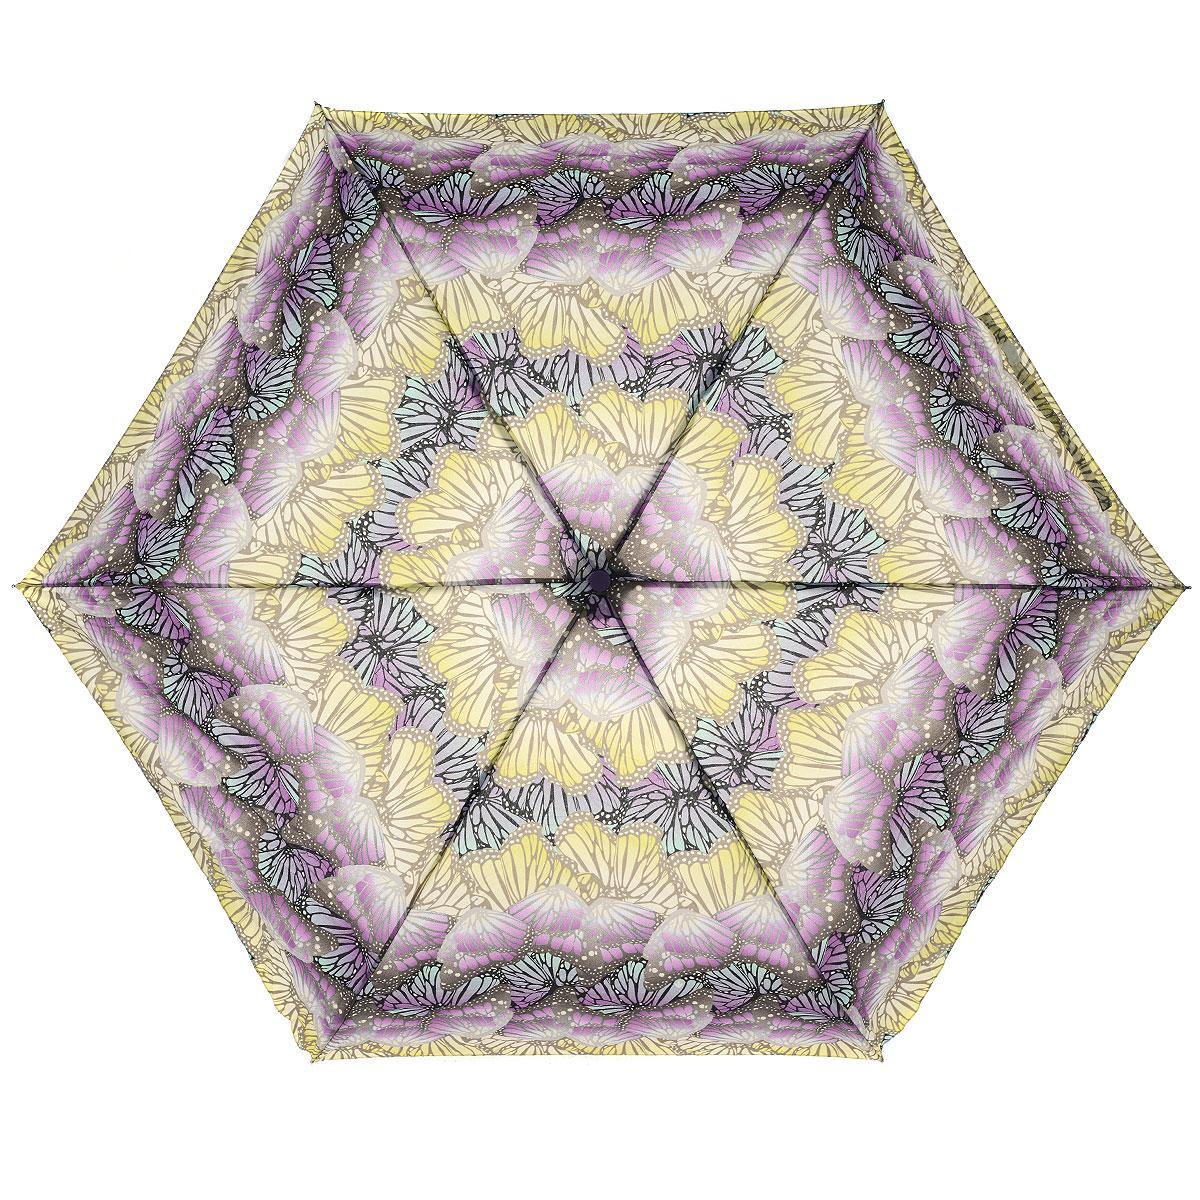 Зонт женский Fulton Butterfly Ombre, автомат, 3 сложения, цвет: фиолетовыйJ739 3S2236Стильный компактный зонт Fulton Butterfly Ombre даже в ненастную погоду позволит вам оставаться женственной и элегантной. Ветростойкий каркас зонта выполнен из алюминия и фибергласса и состоит из шести металлических спиц, зонт оснащен удобной рукояткой из прорезиненного пластика. Купол зонта выполнен из прочного полиэстера и оформлен изображением бабочек. На рукоятке для удобства есть небольшой шнурок-резинка, позволяющий надеть зонт на руку тогда, когда это будет необходимо. К зонту прилагается чехол на липучке. Зонт автоматического сложения: купол открывается и закрывается нажатием на кнопку, стержень складывается вручную до характерного щелчка.